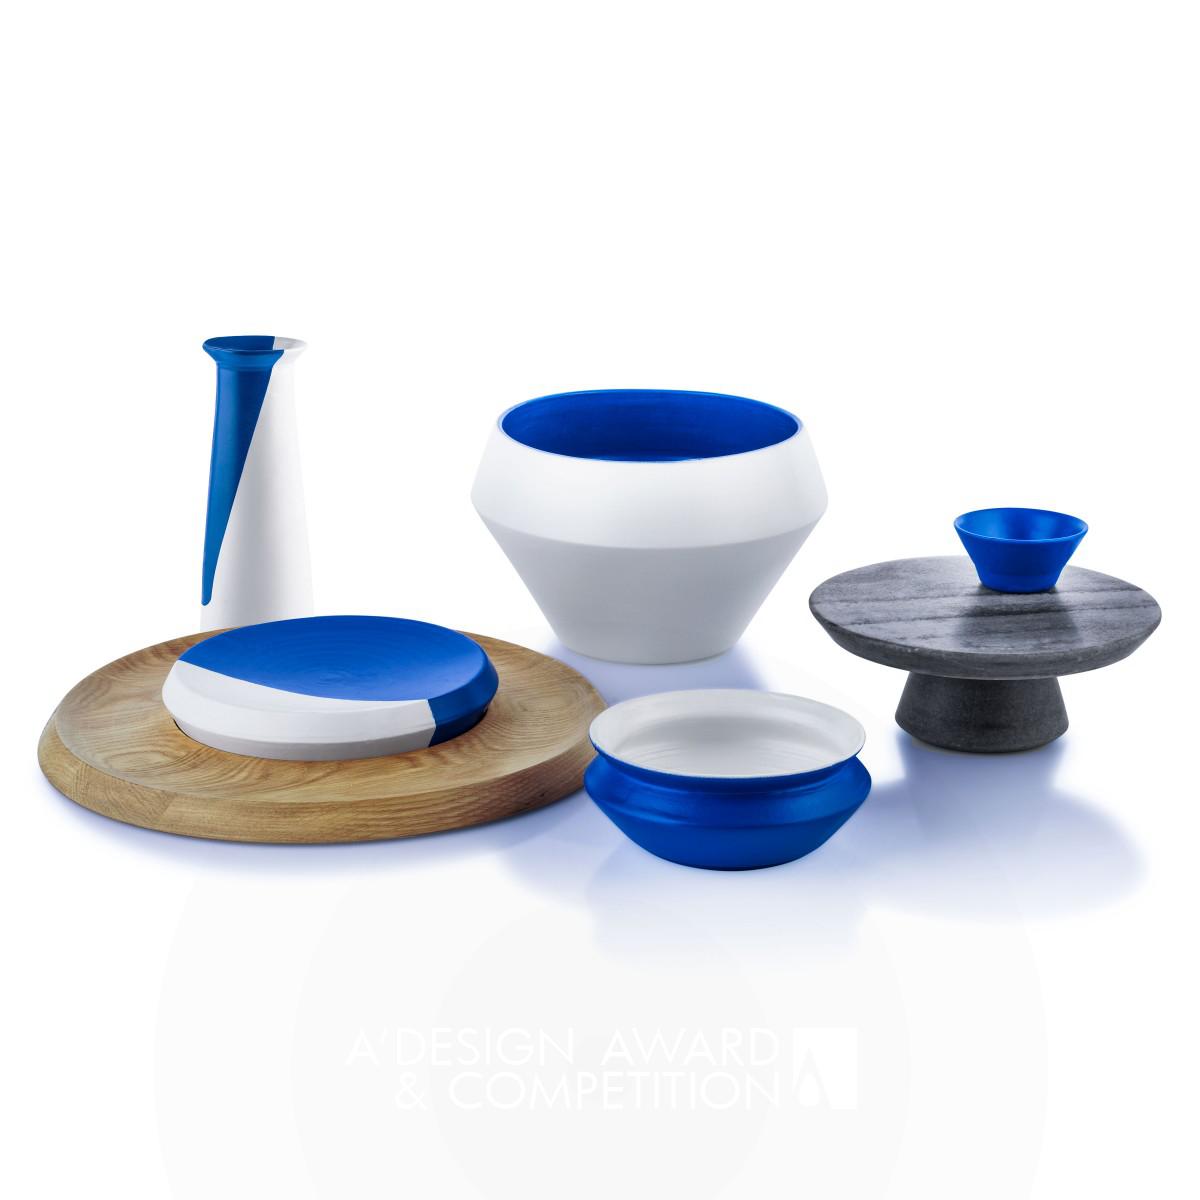 Agape Multifunctional Tableware